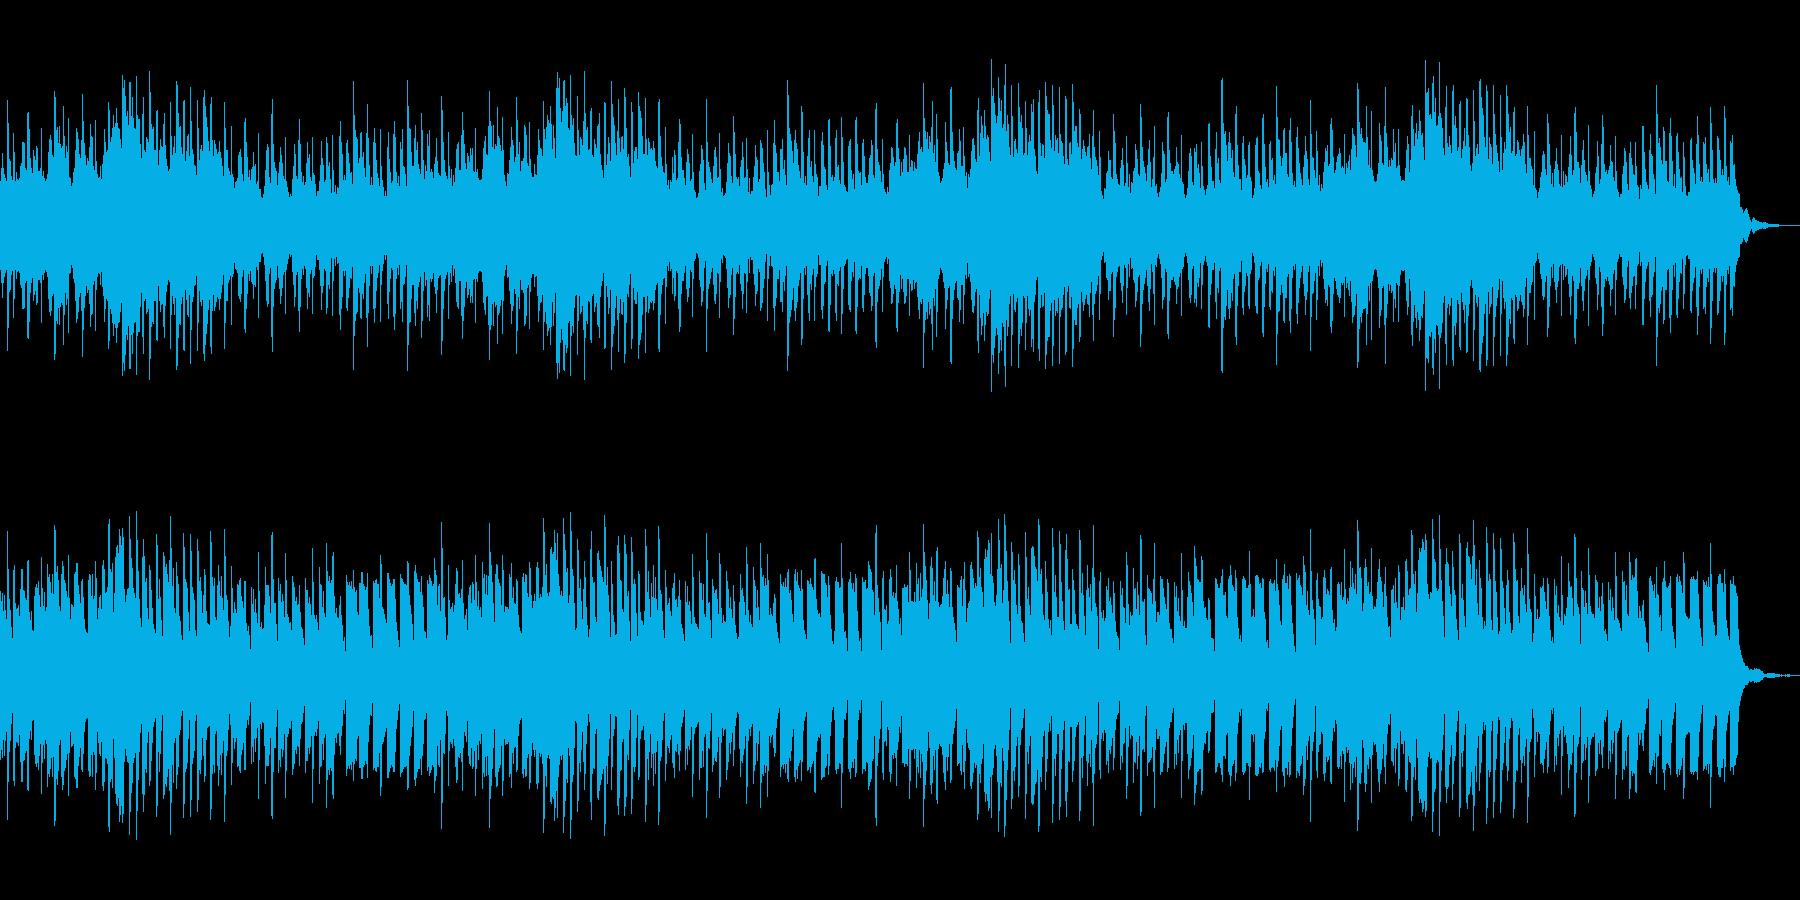 ピアノ主体のホラー向けBGM 恐怖の演出の再生済みの波形